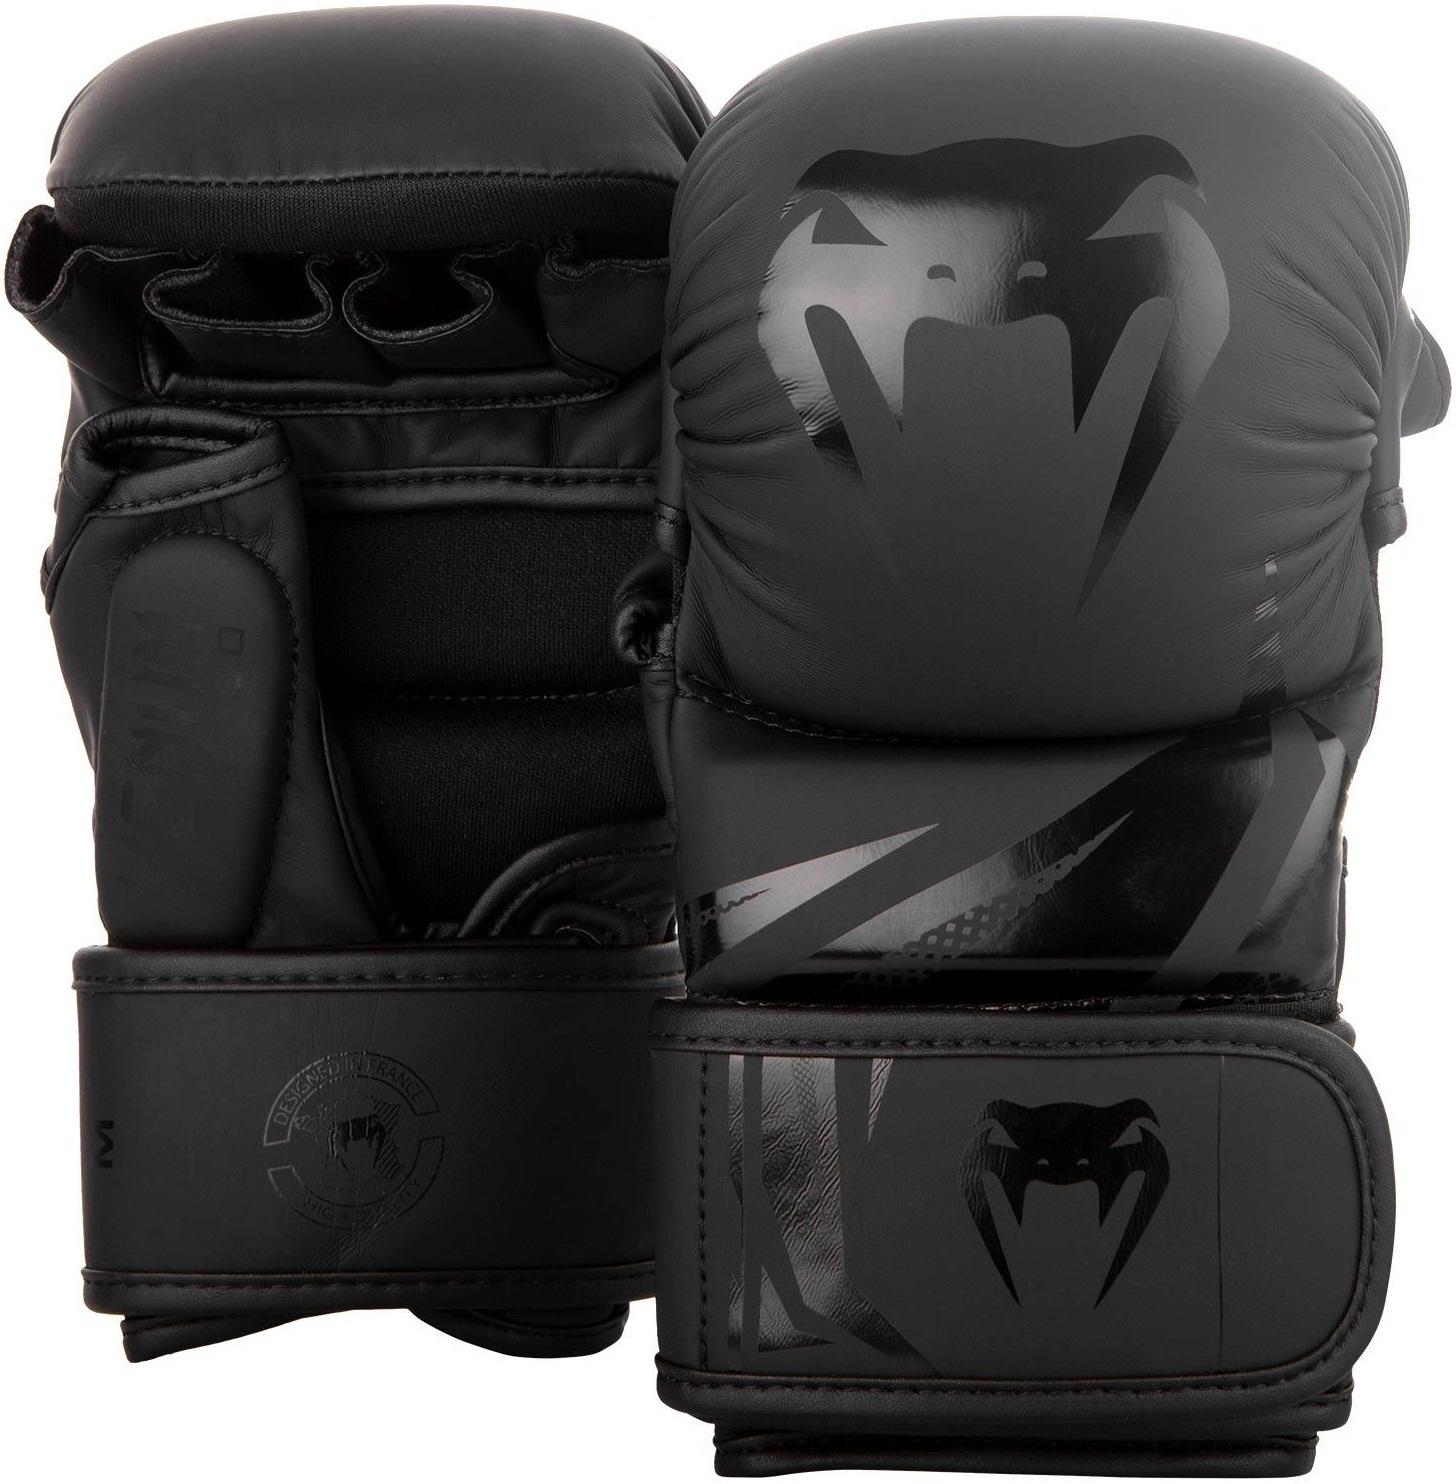 ММА перчатки Перчатки для ММА Venum Challenger 3.0 Sparring Gloves Black/Black b7f13677_509a_11e9_b549_bcee7b9cf7ab_c44335c2_509a_11e9_b549_bcee7b9cf7ab.jpg